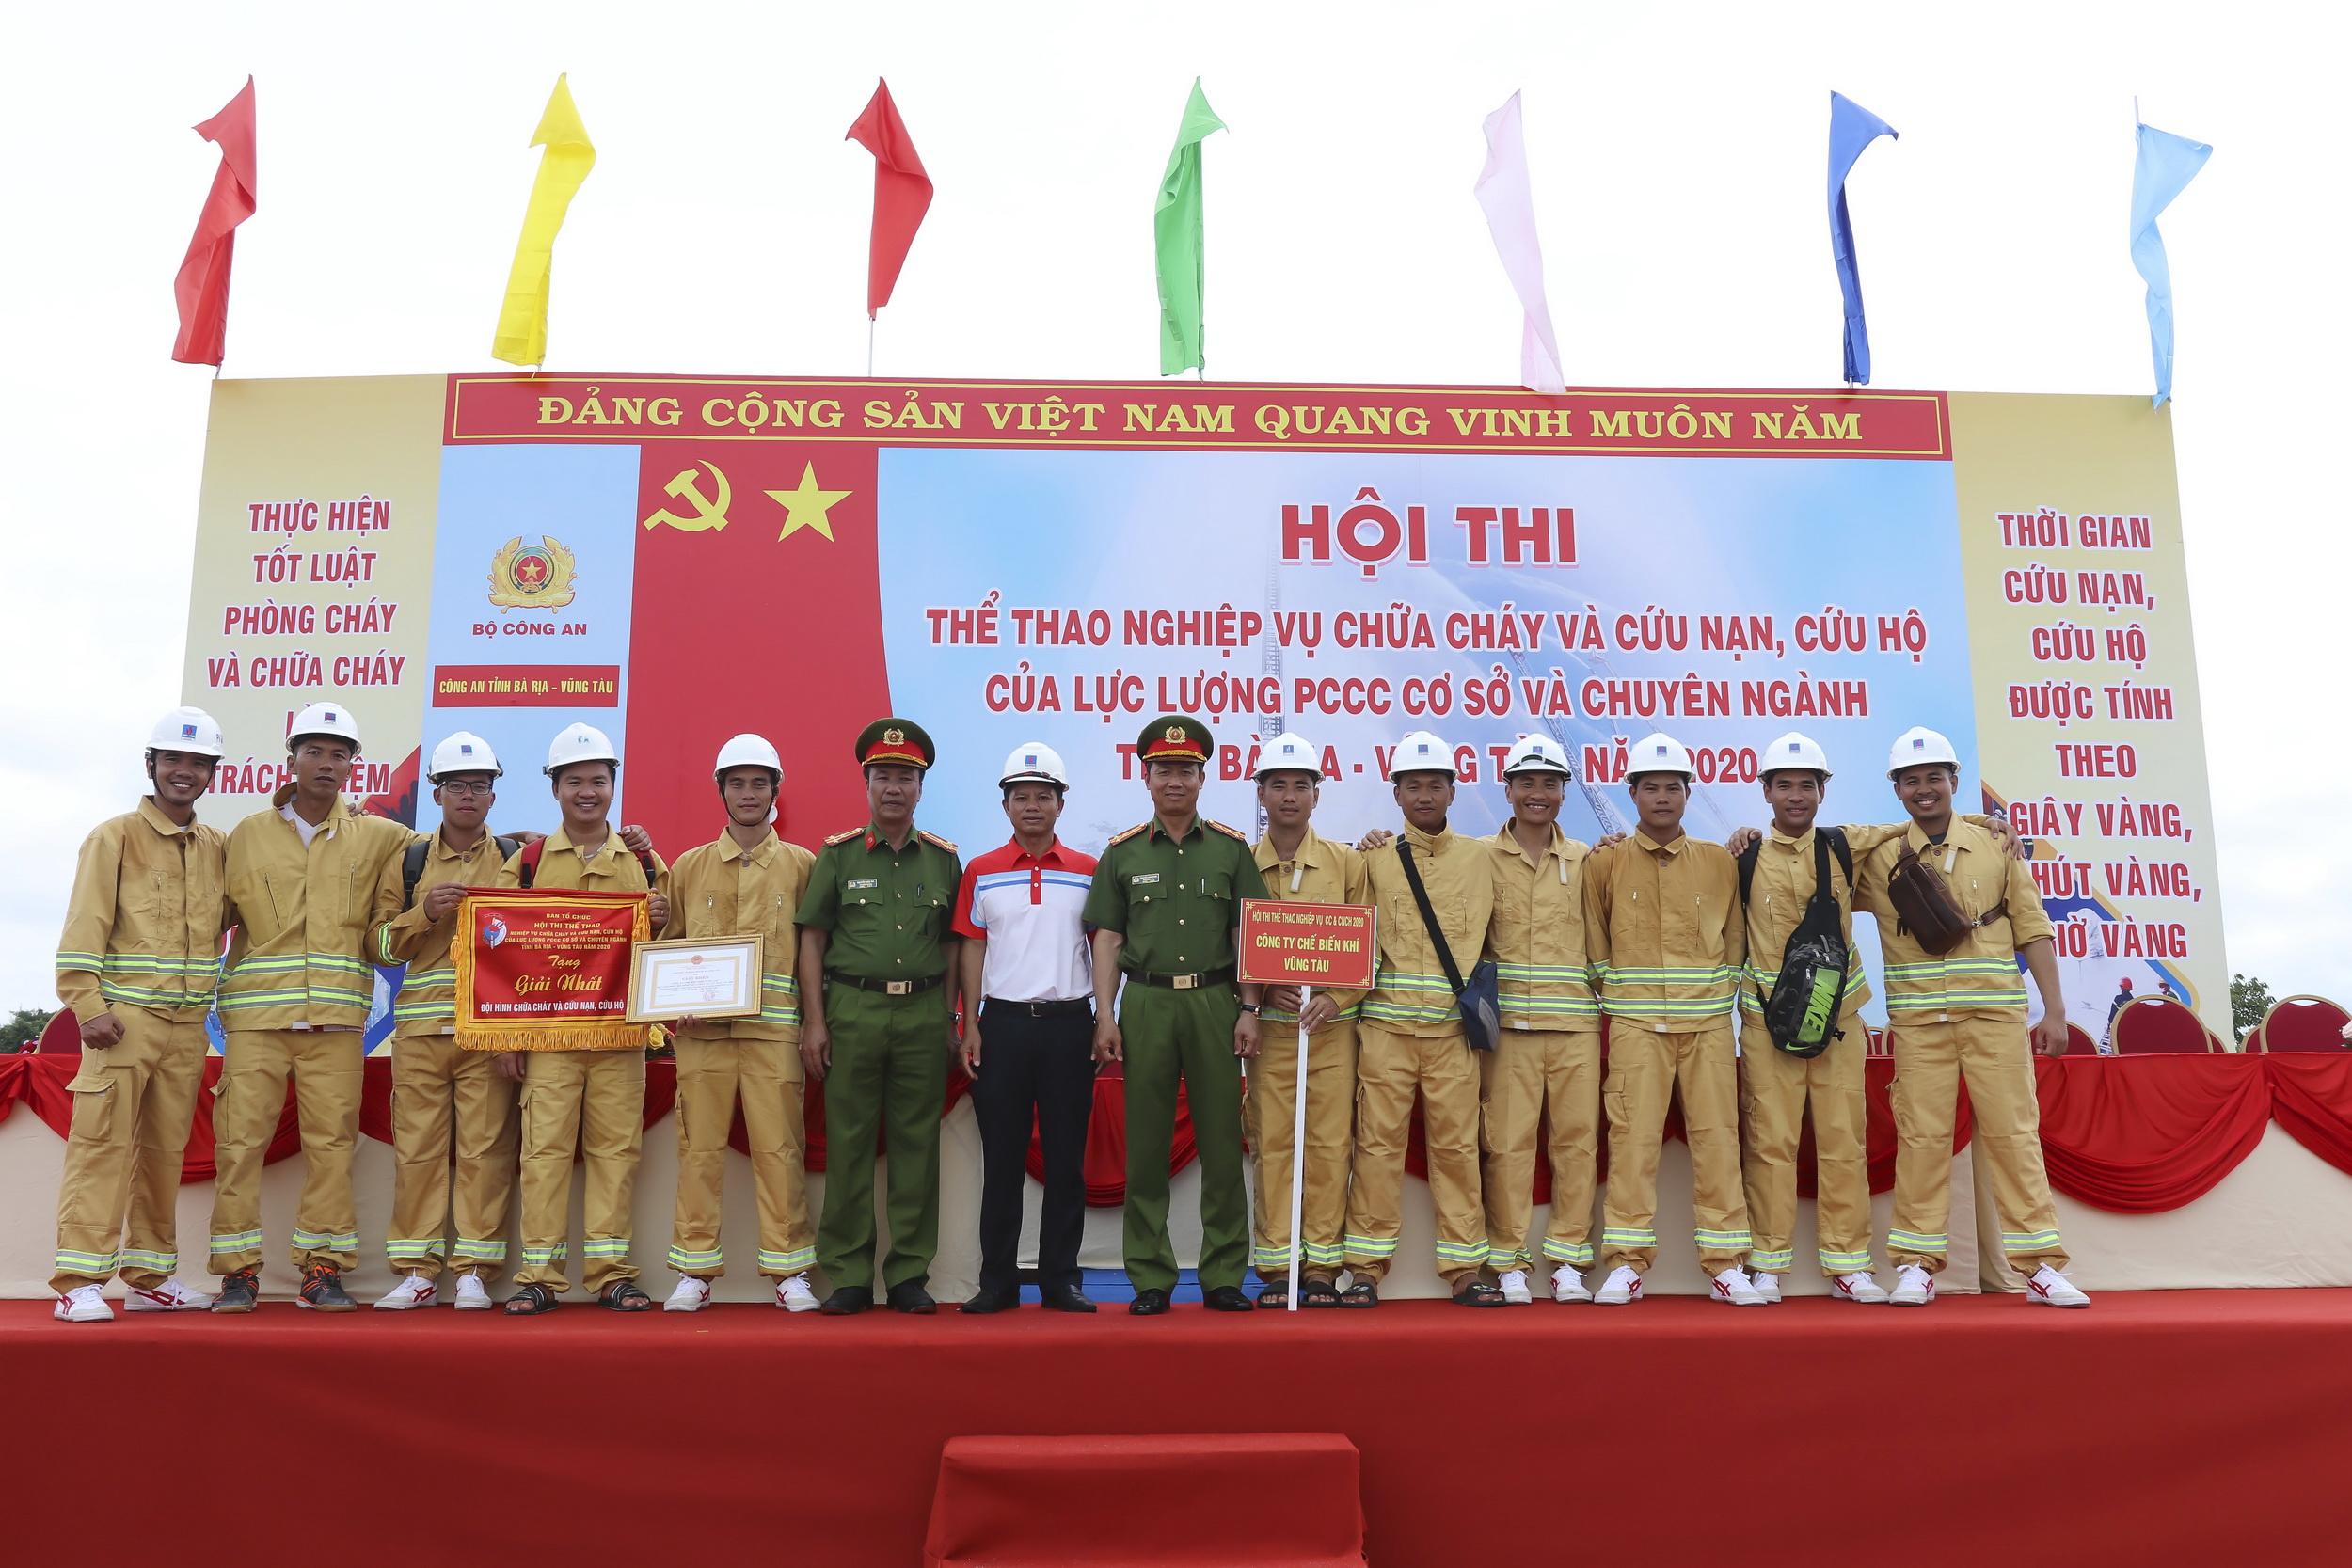 Đội tuyển KVT giành giải Nhất Hội thao